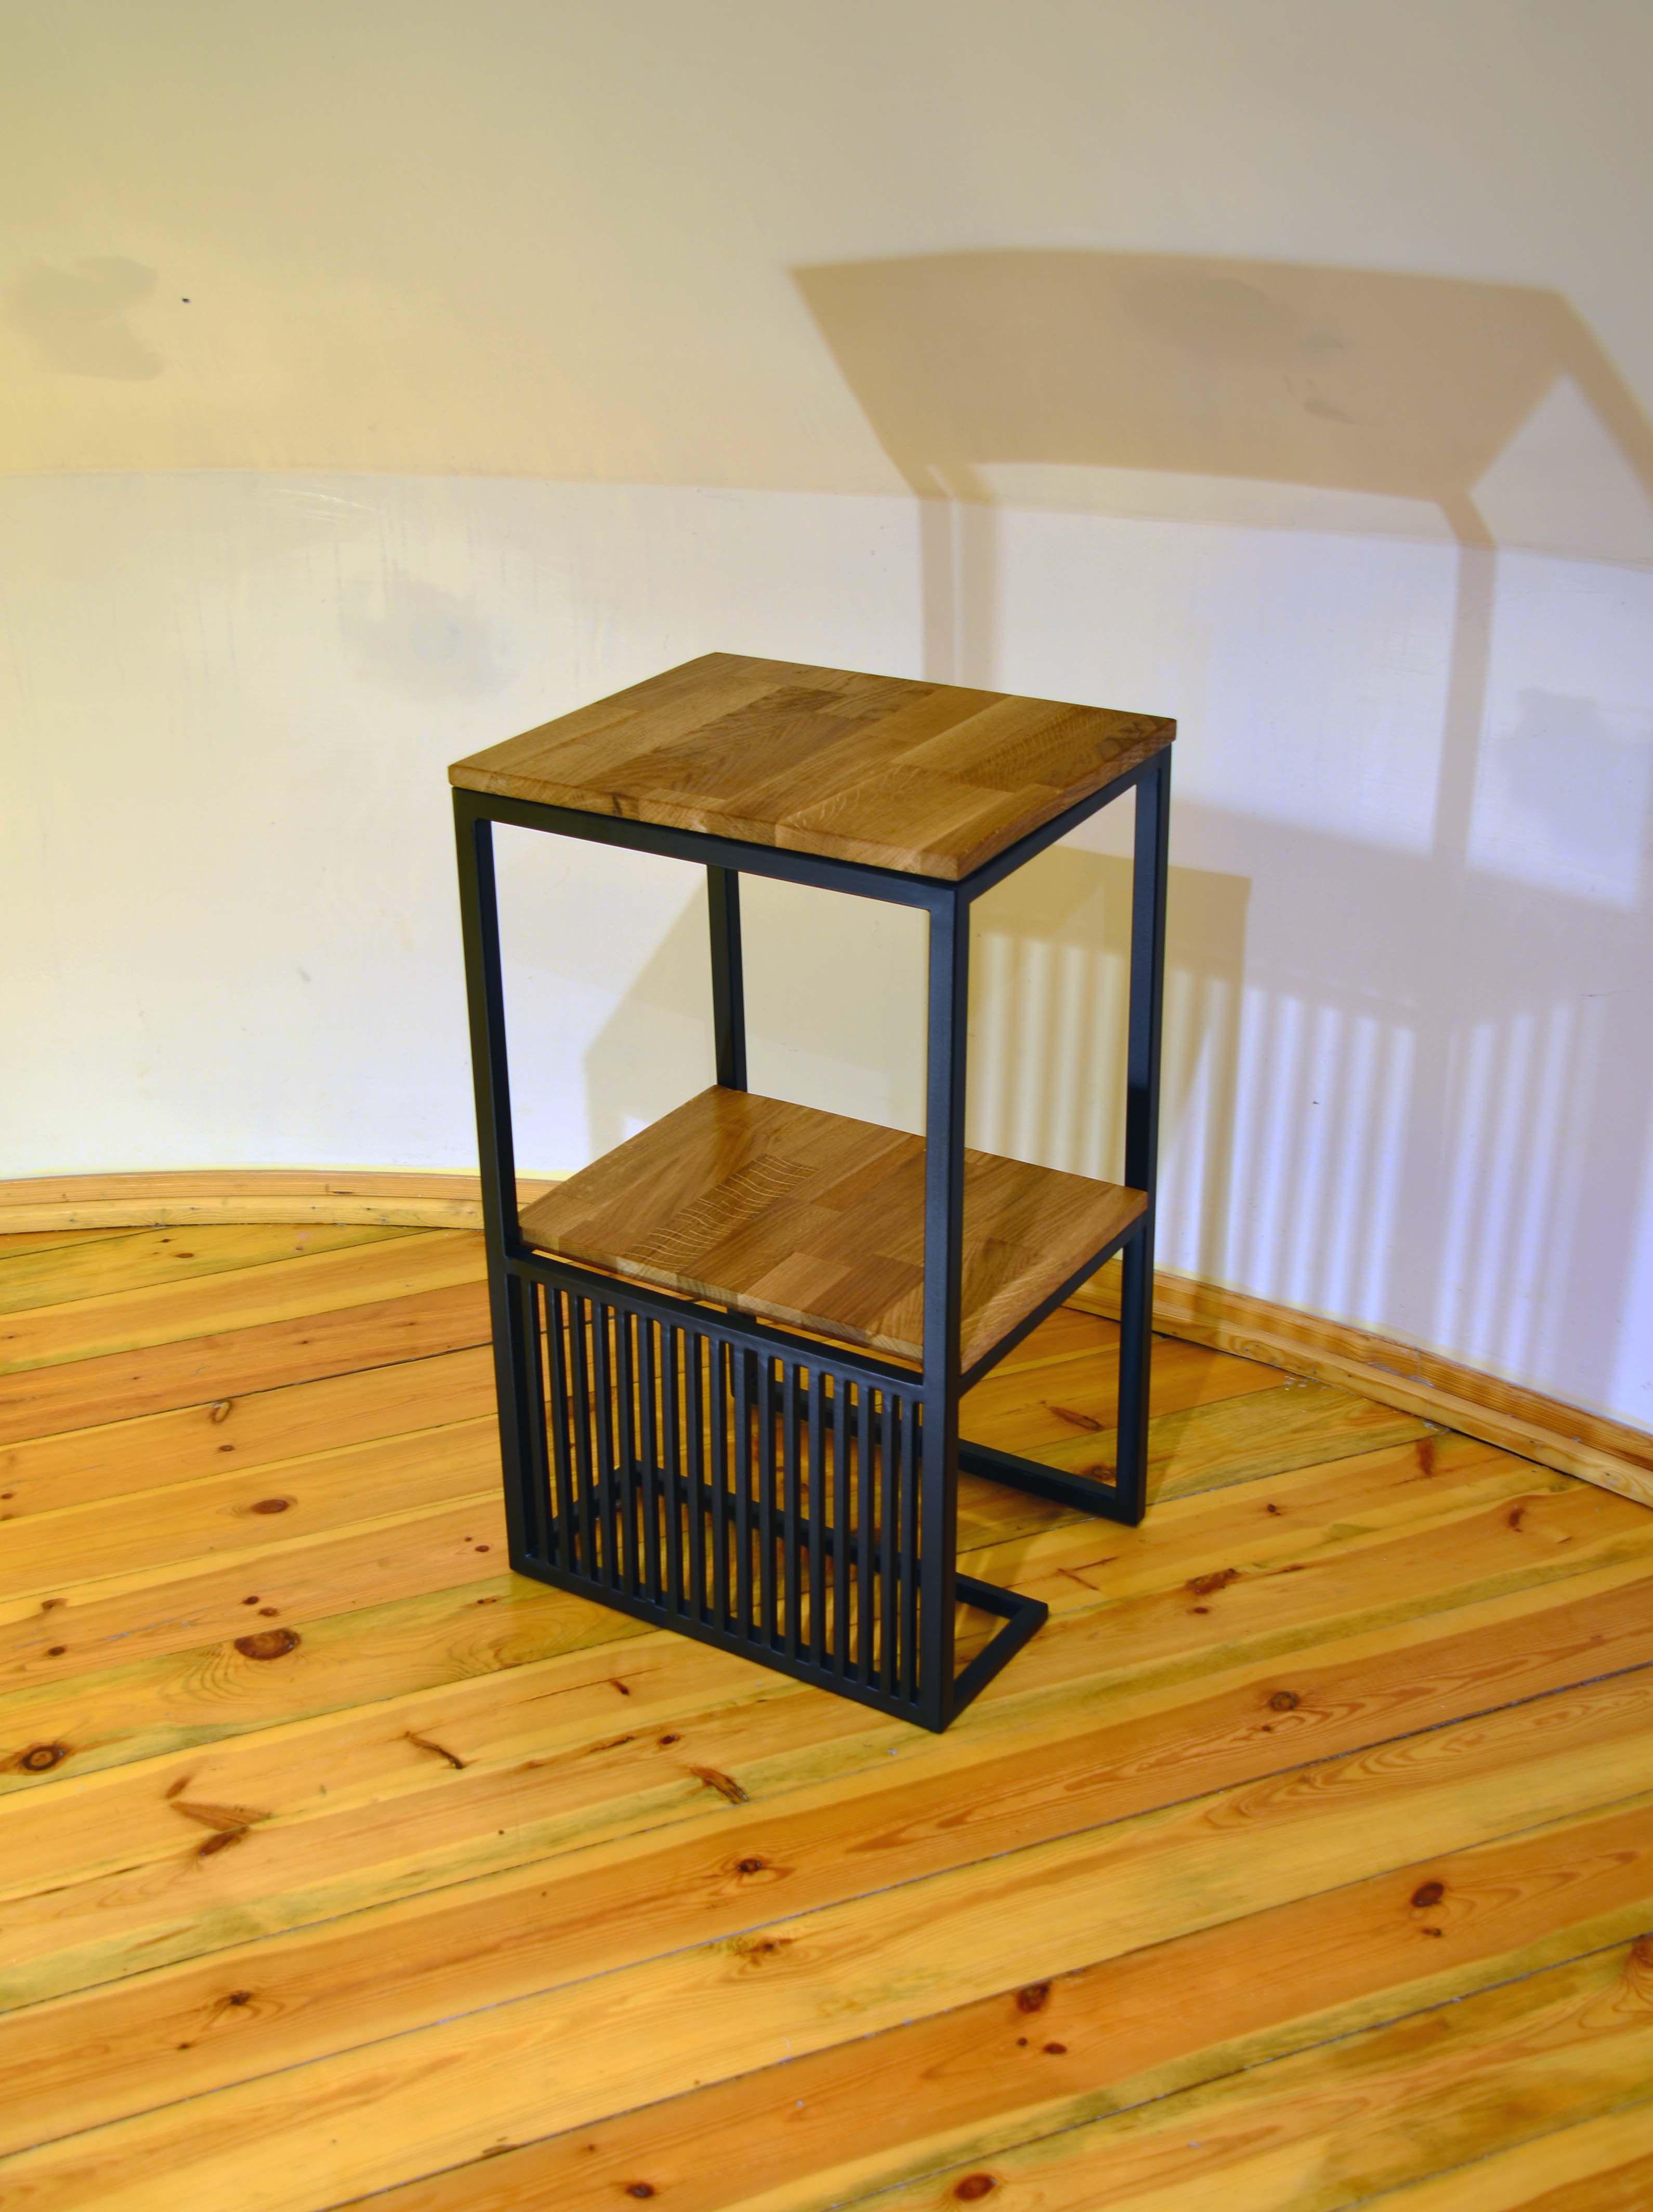 gramophone shelve bookstand regaÅ regalik iron wood metal